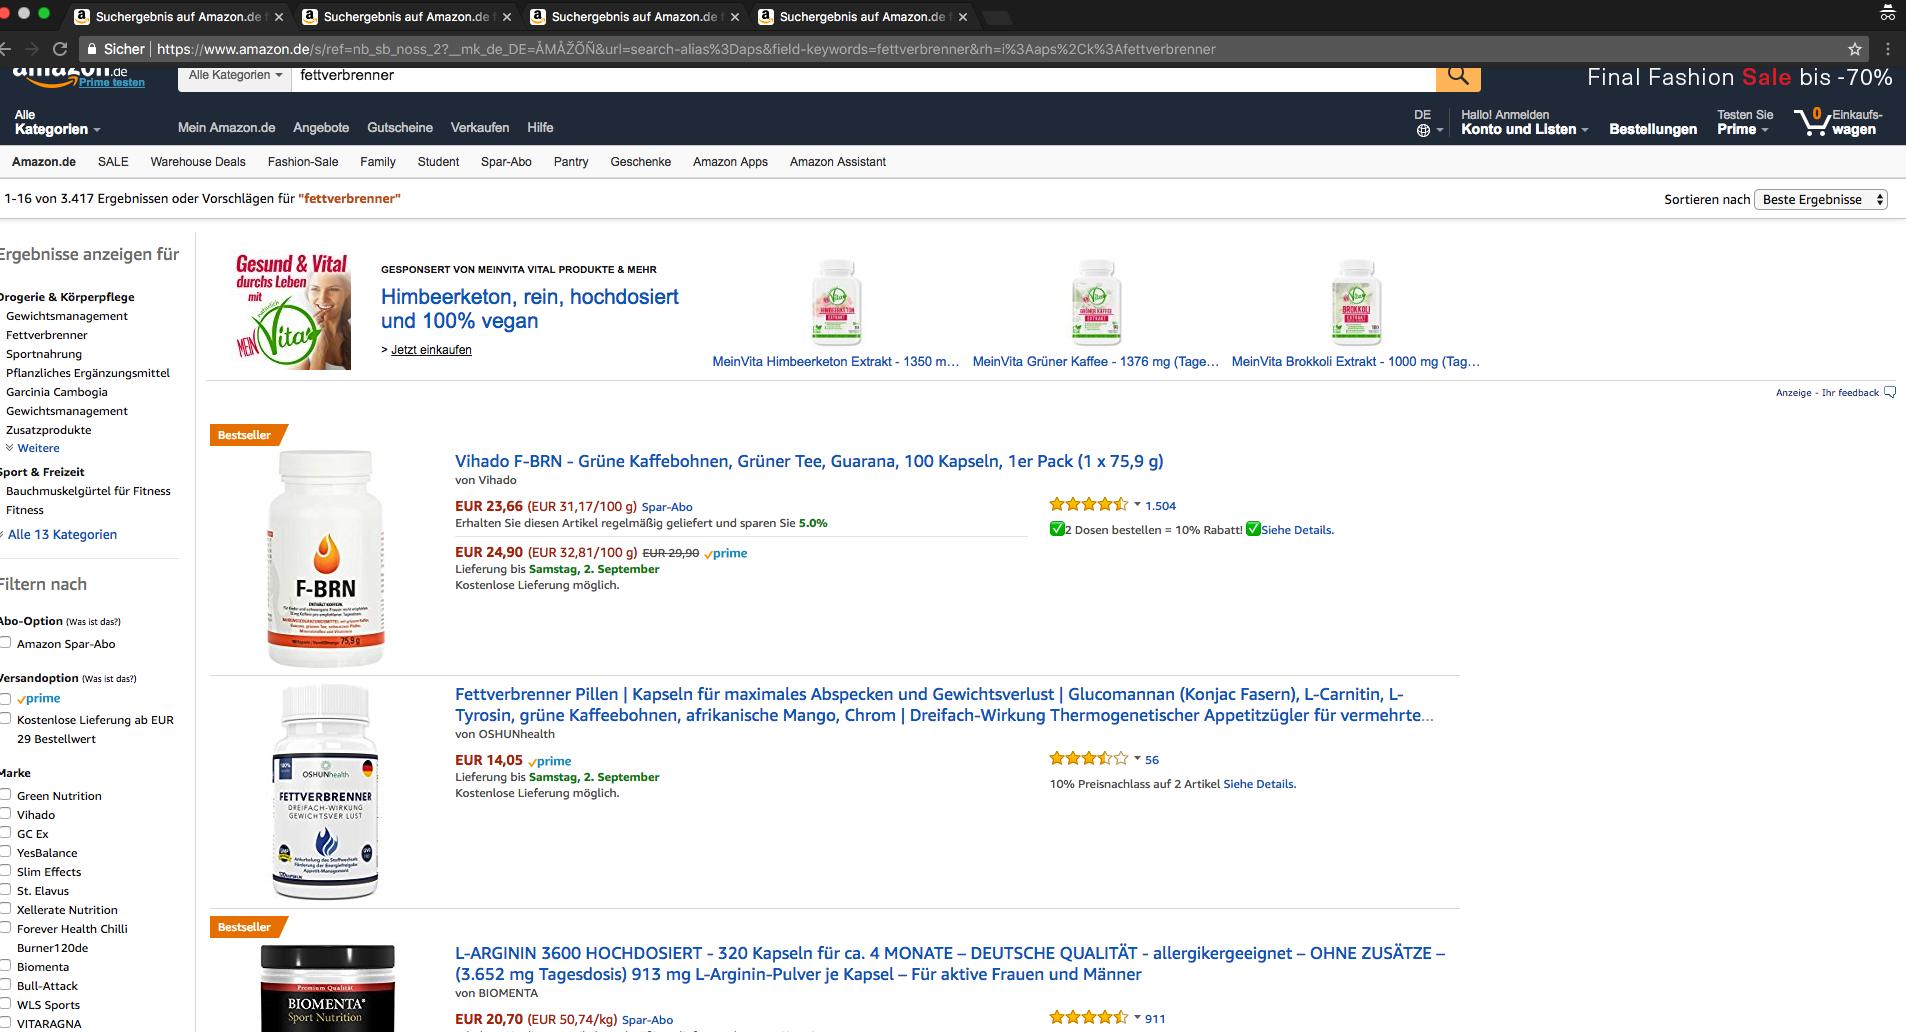 Amazon Suchergebnisse